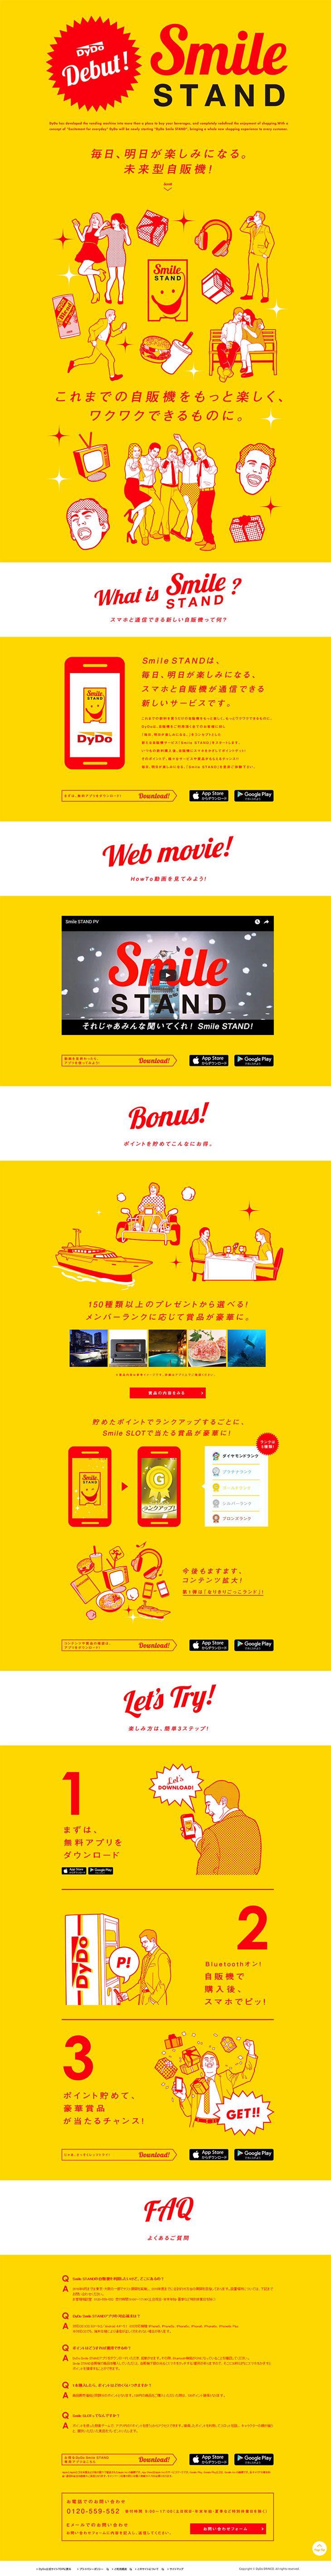 Smile STAND(スマイルスタンド)【飲料・お酒関連】のLPデザイン。WEBデザイナーさん必見!ランディングページのデザイン参考に(シンプル系)